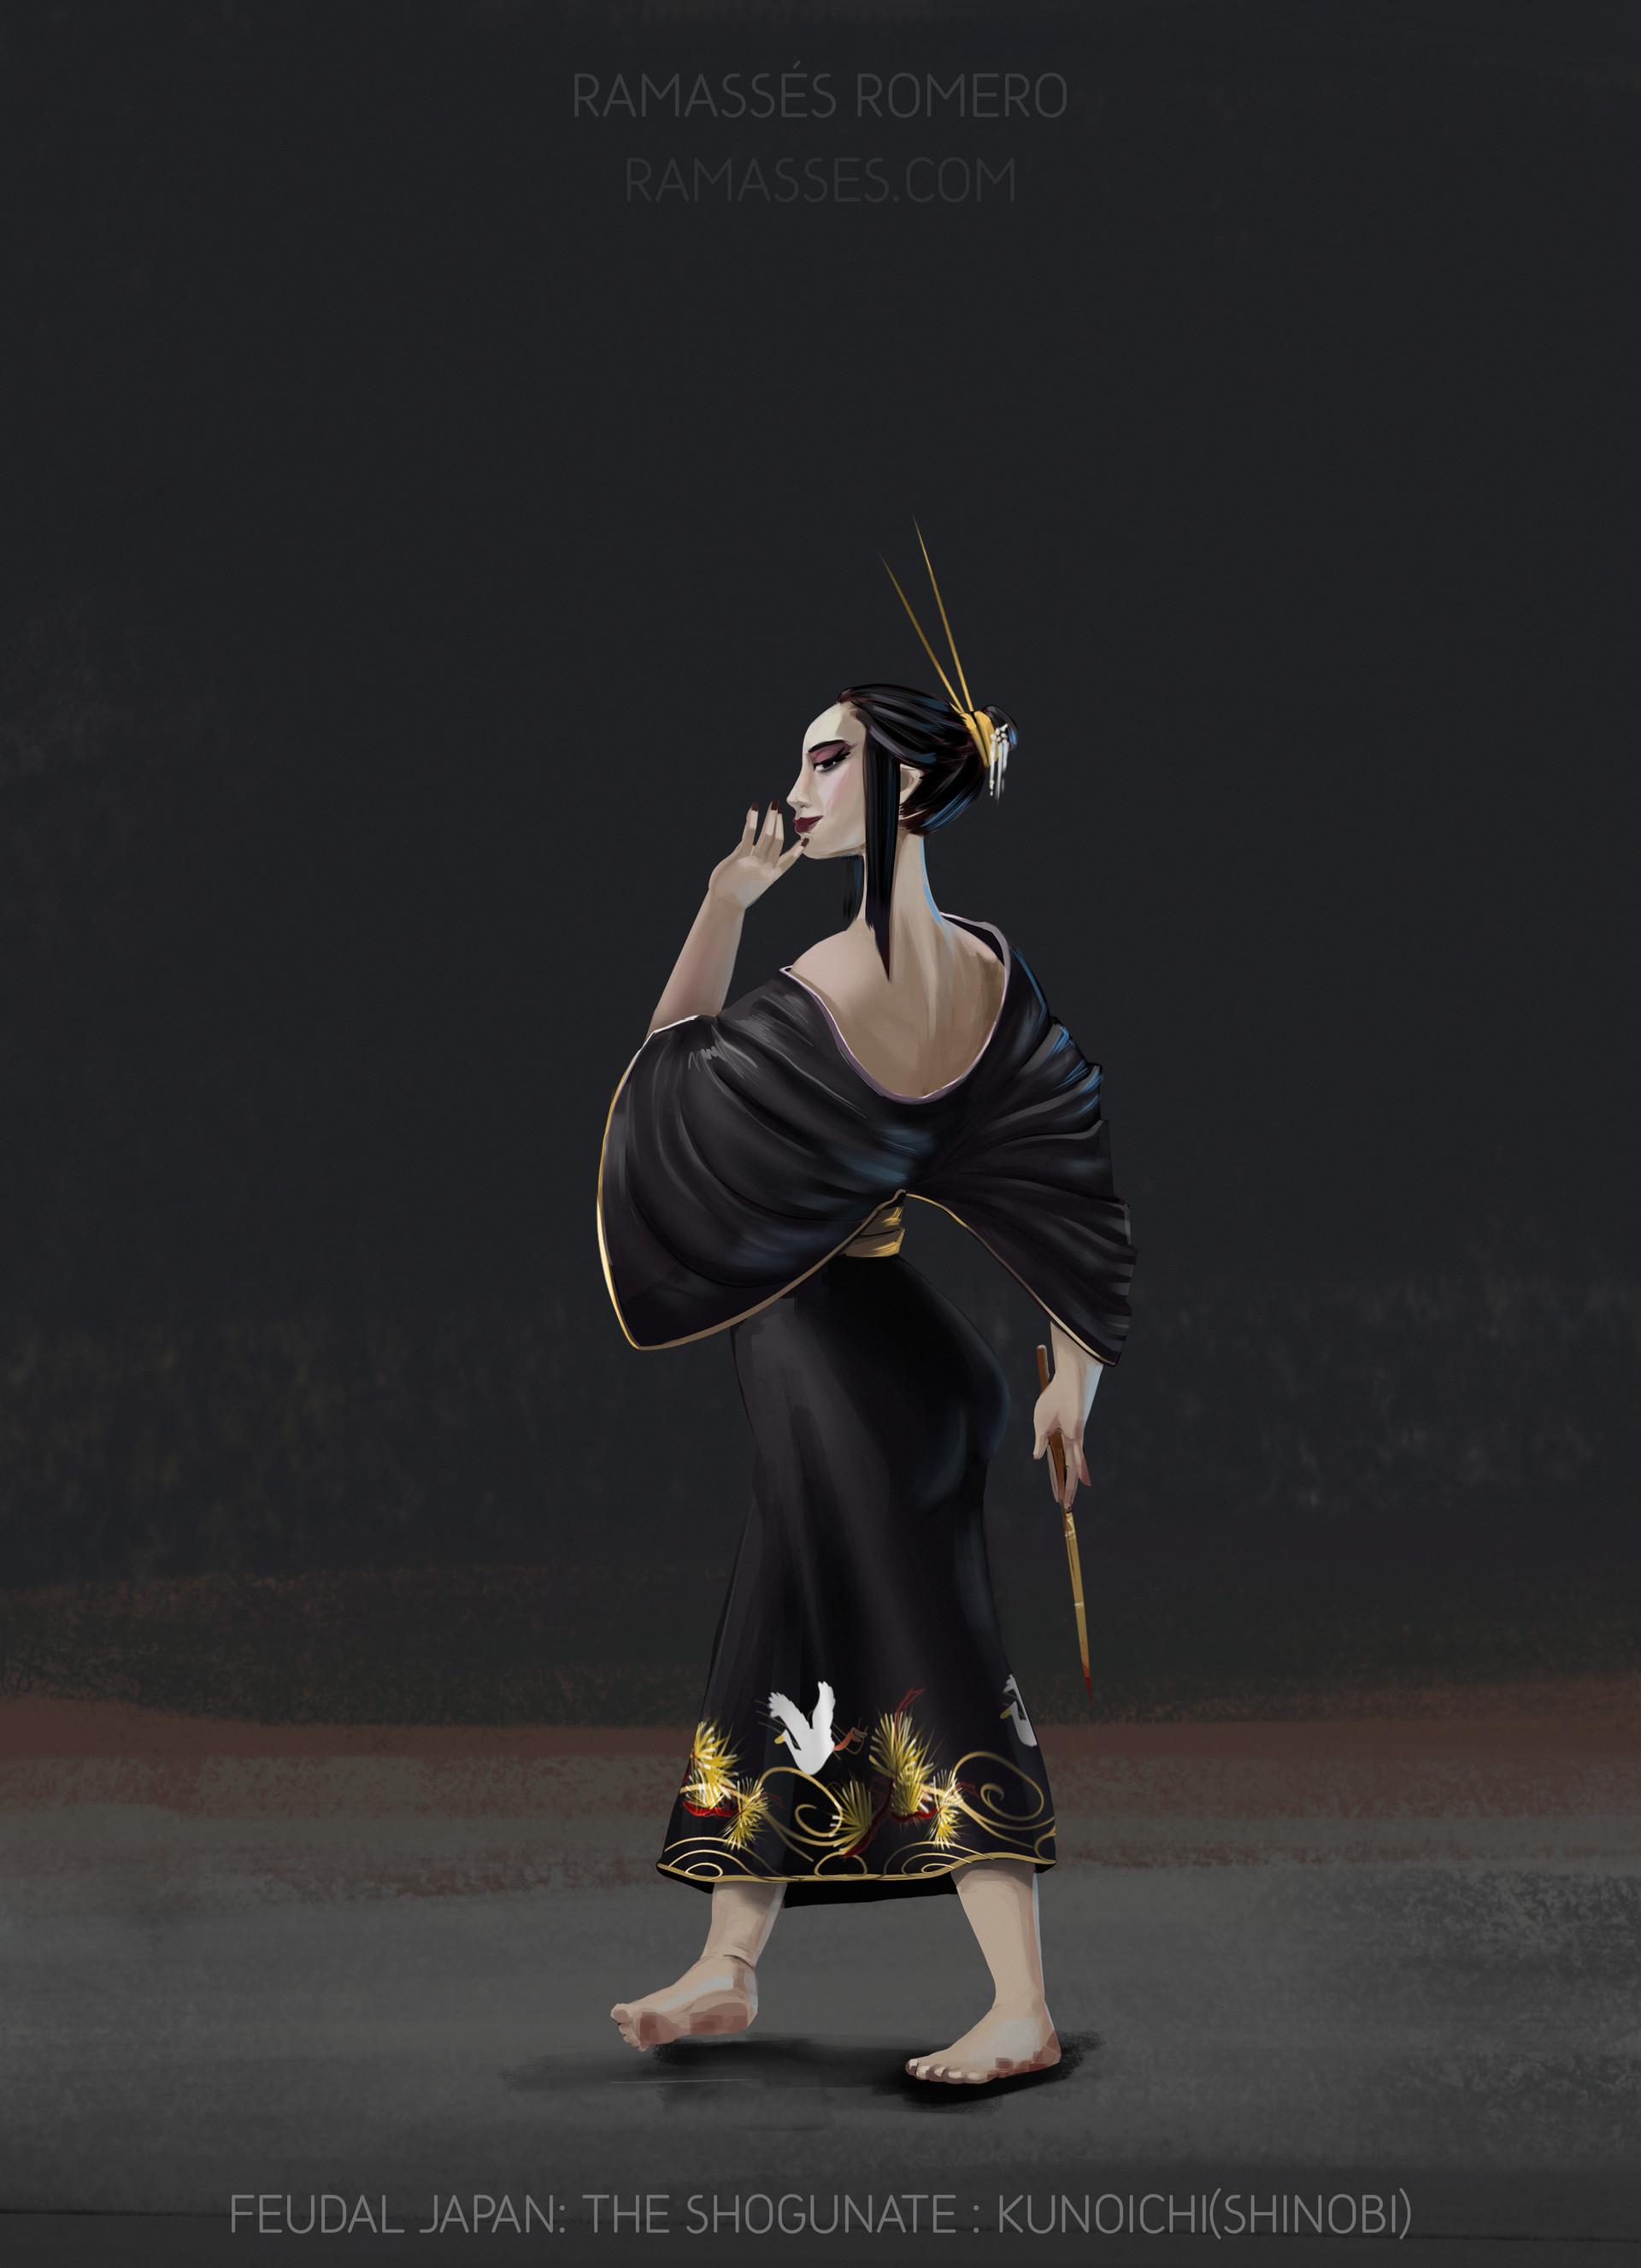 Ramasses romero shogunateexport kunoichi